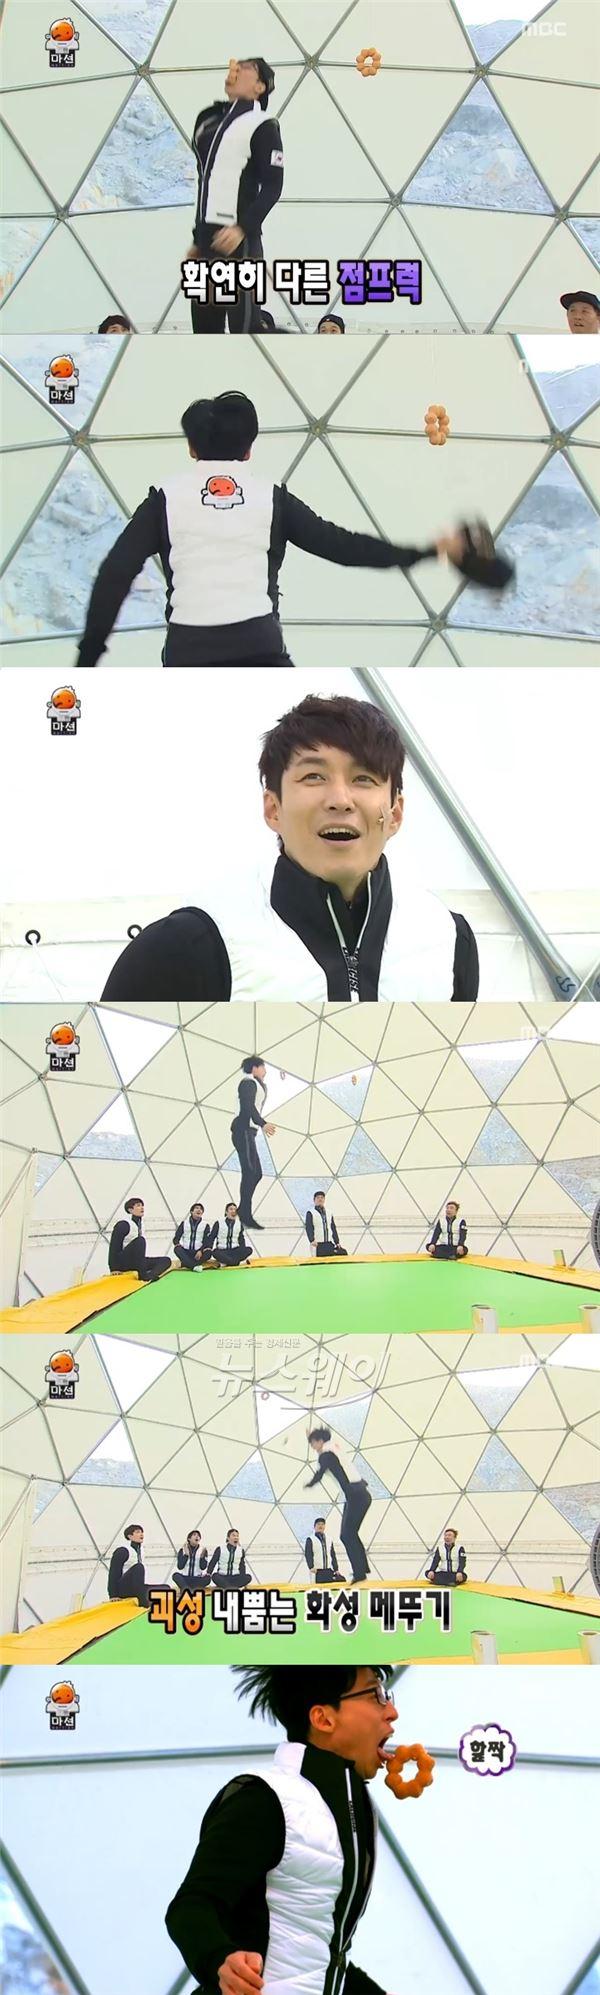 """유재석, 점프왕 등극…정준하 """"화성 메뚜기 같아"""""""